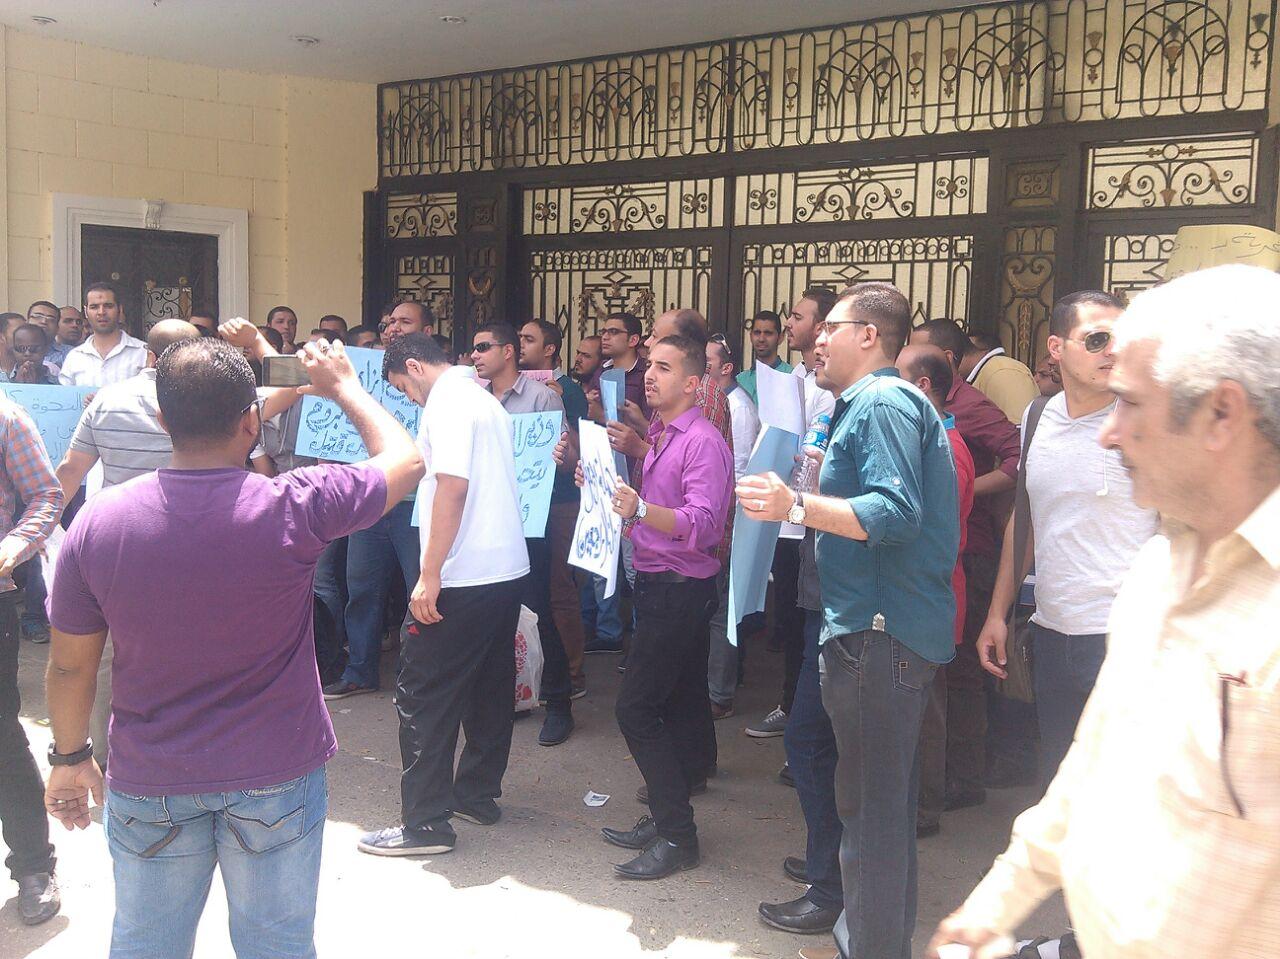 معلمون مغتربون يدخلون في اعتصام أمام «التعليم» للعودة إلى محافظاتهم (صور)